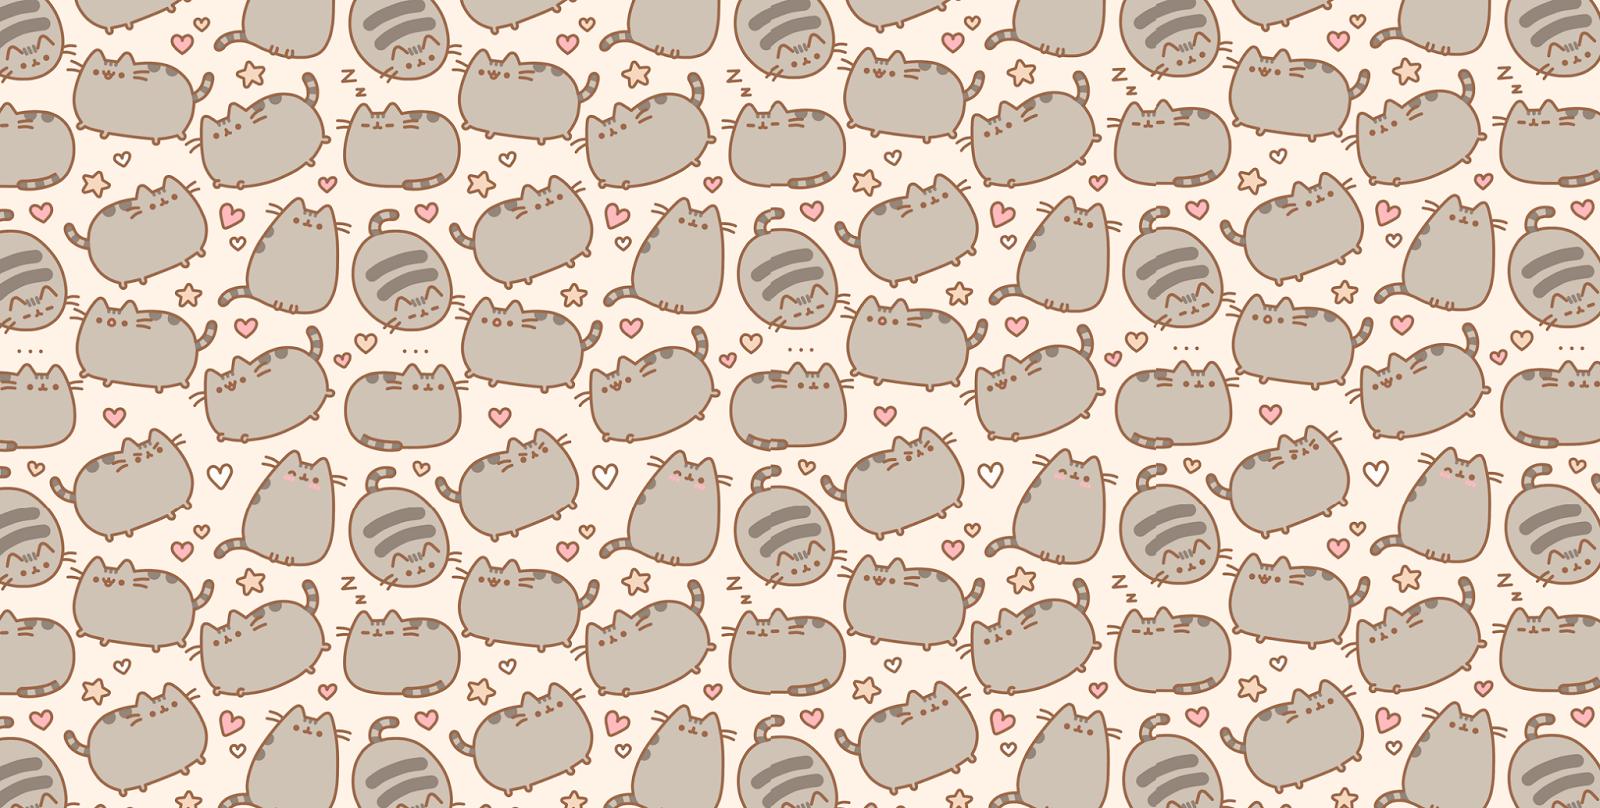 Pusheen Cat Desktop Wallpaper (With images) Cat